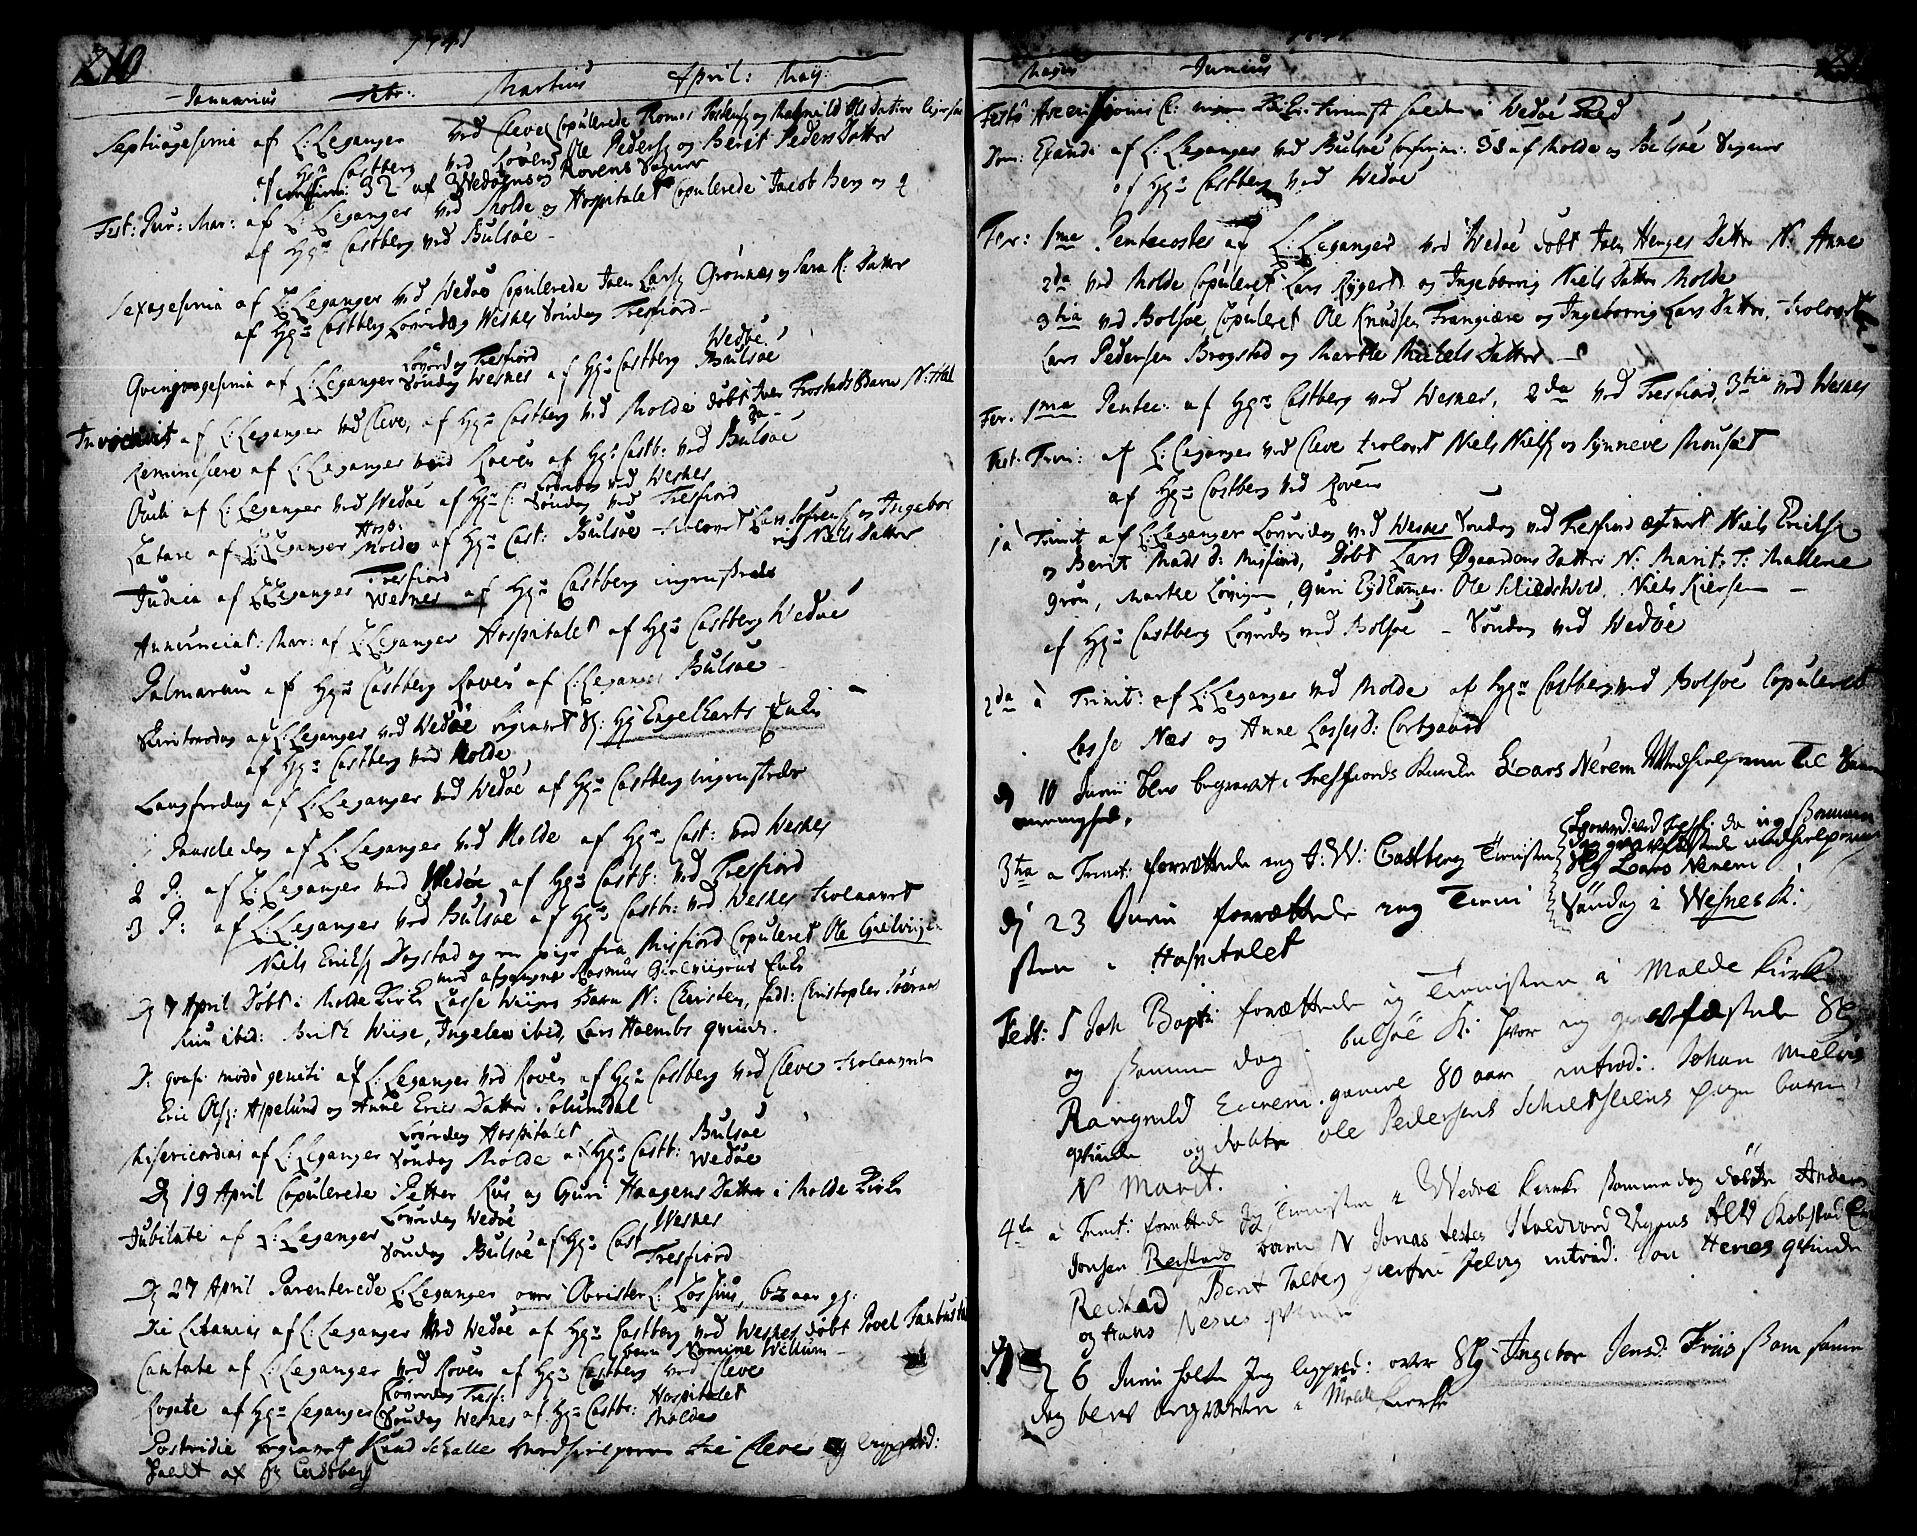 SAT, Ministerialprotokoller, klokkerbøker og fødselsregistre - Møre og Romsdal, 547/L0599: Parish register (official) no. 547A01, 1721-1764, p. 210-211